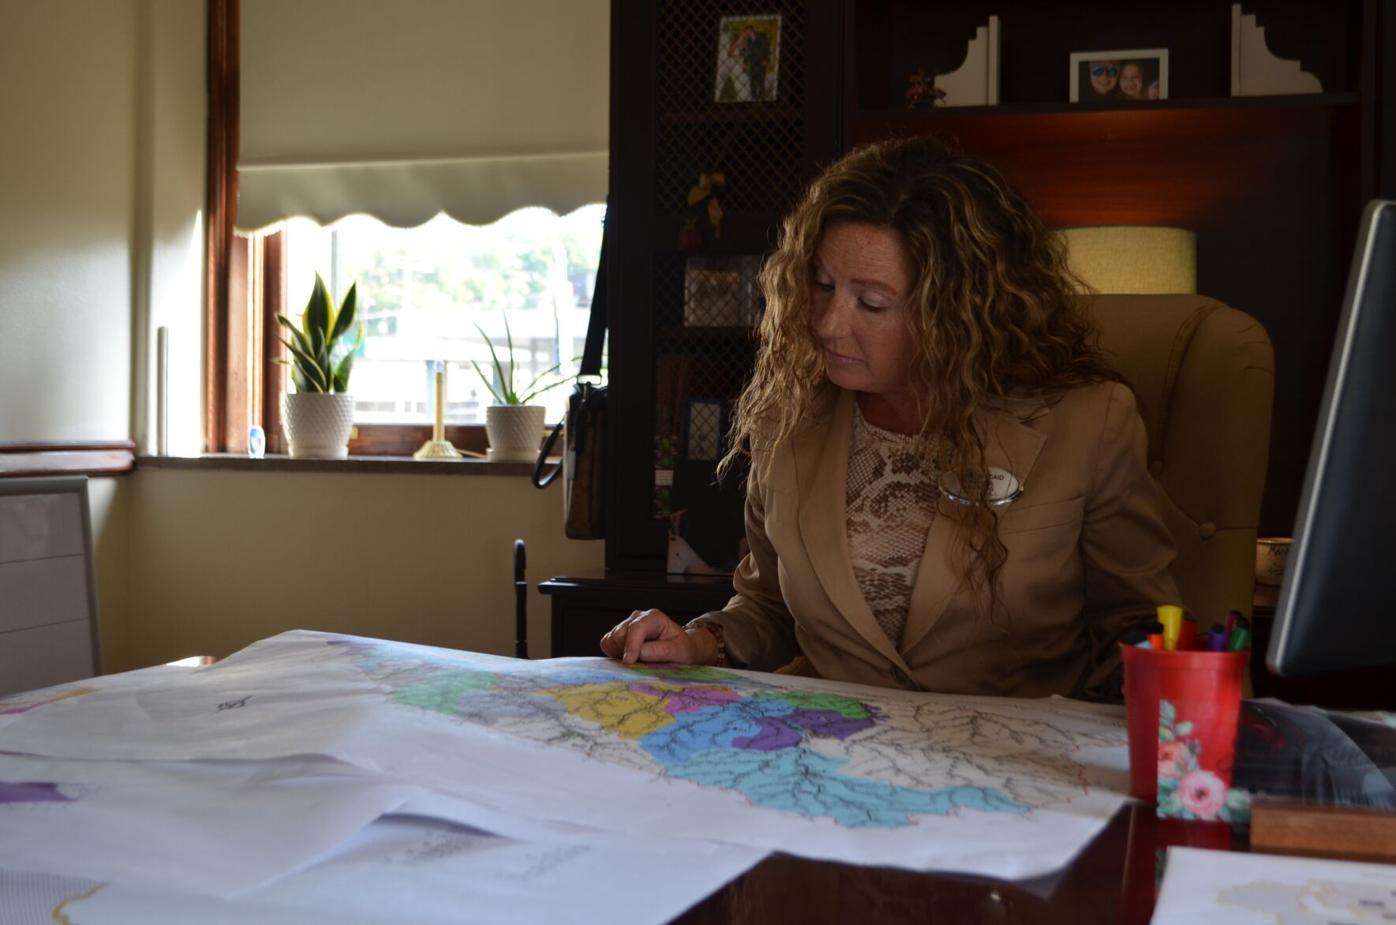 Kincaid examines map